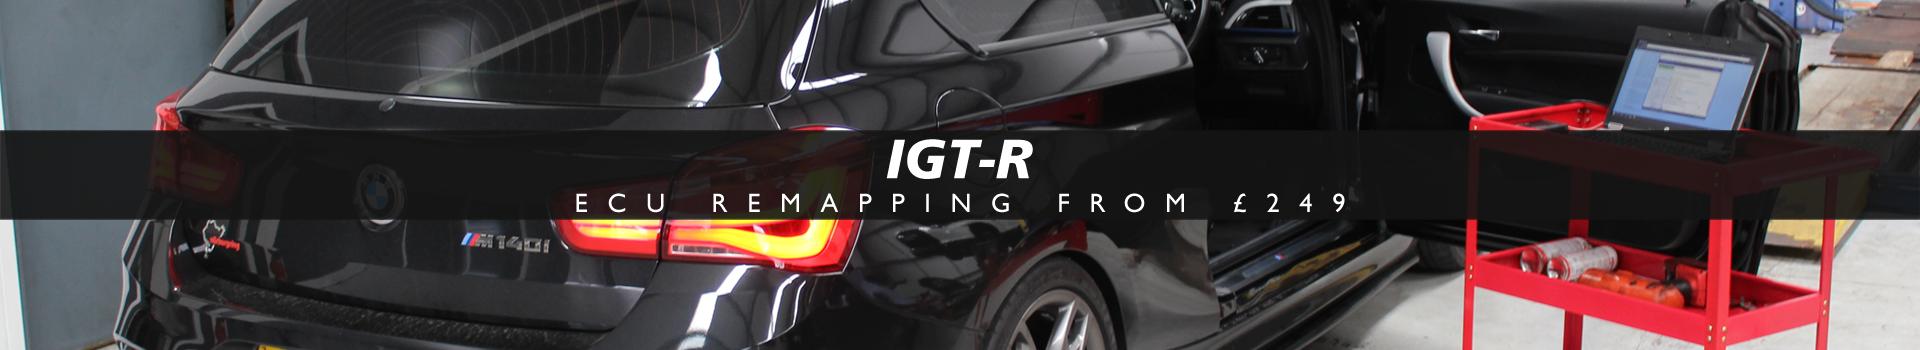 Indigo-GT - ECU Remapping, KW Coilovers, Bilstein Coilovers